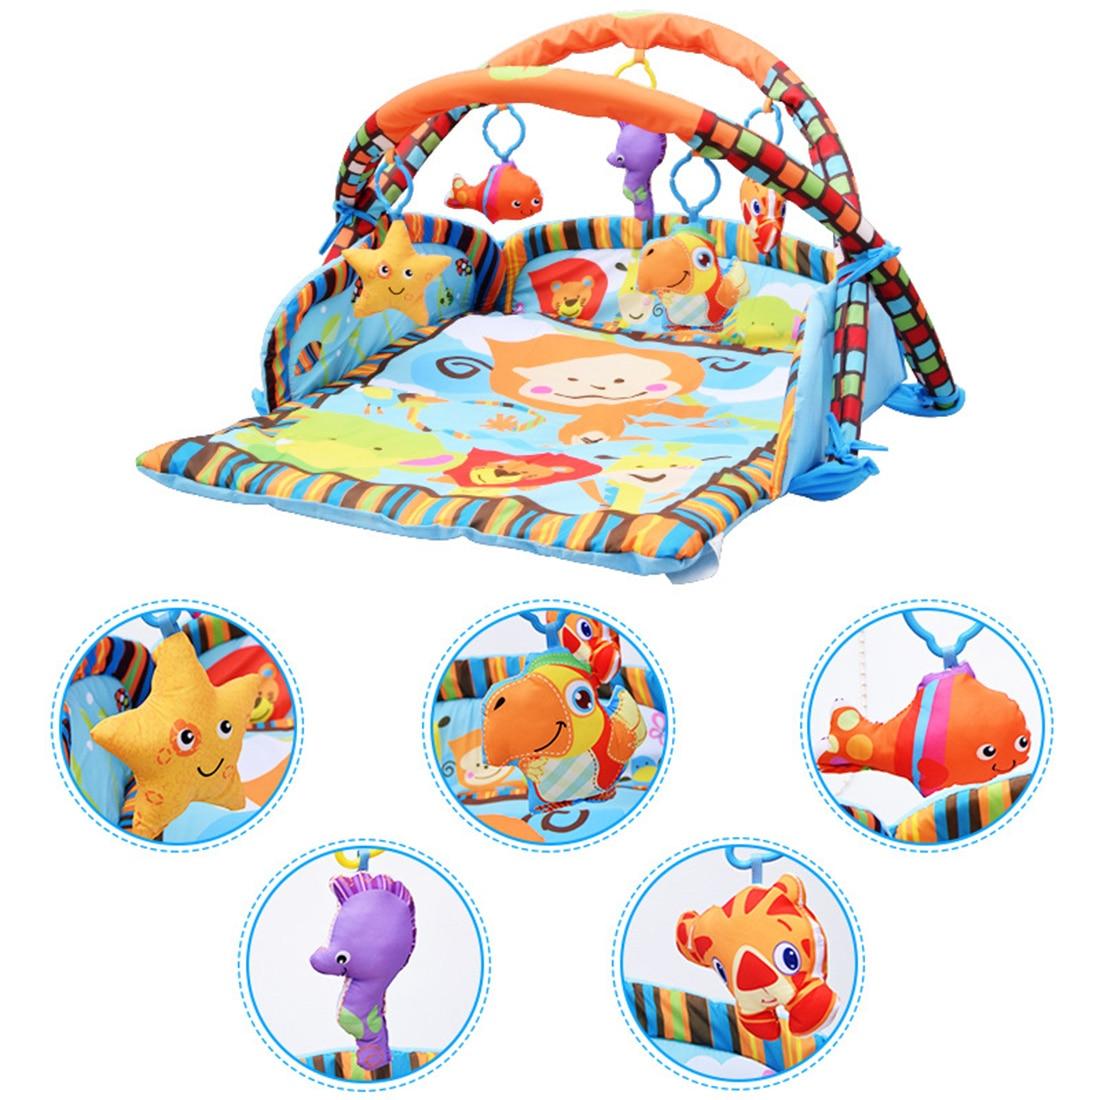 95X85 cm jeux de bébé support de gymnastique bébé ramper tapis bébé tapis de jeu tapis avec clôture à quatre côtés